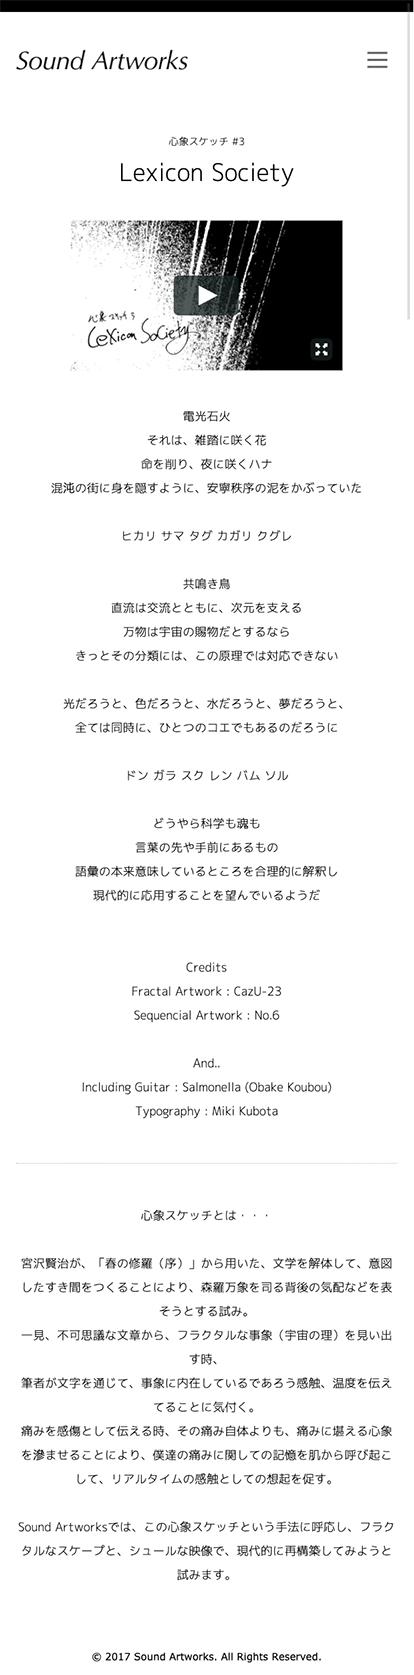 soundartworks_d.jpg